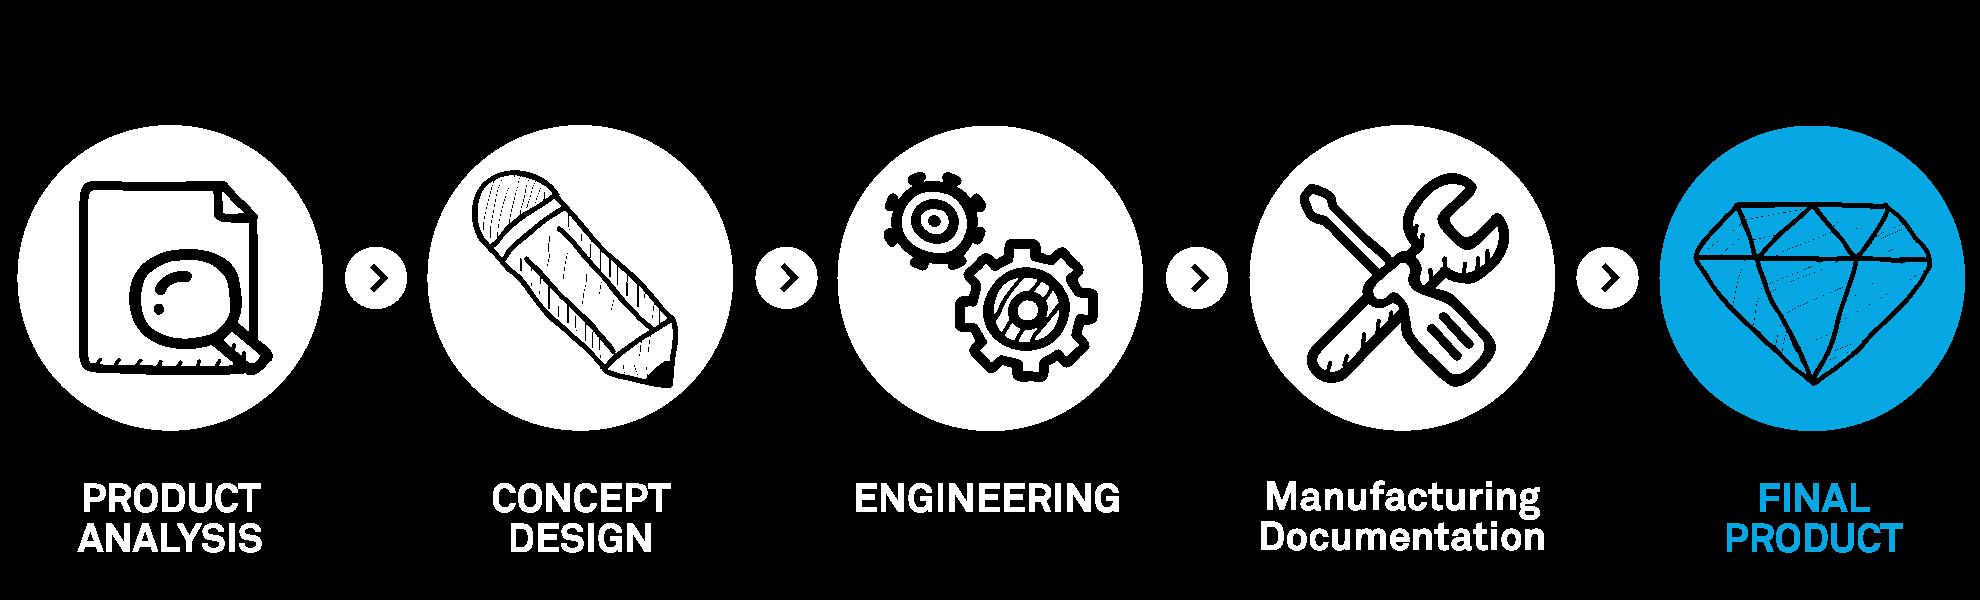 Design-Concept-produceion.png